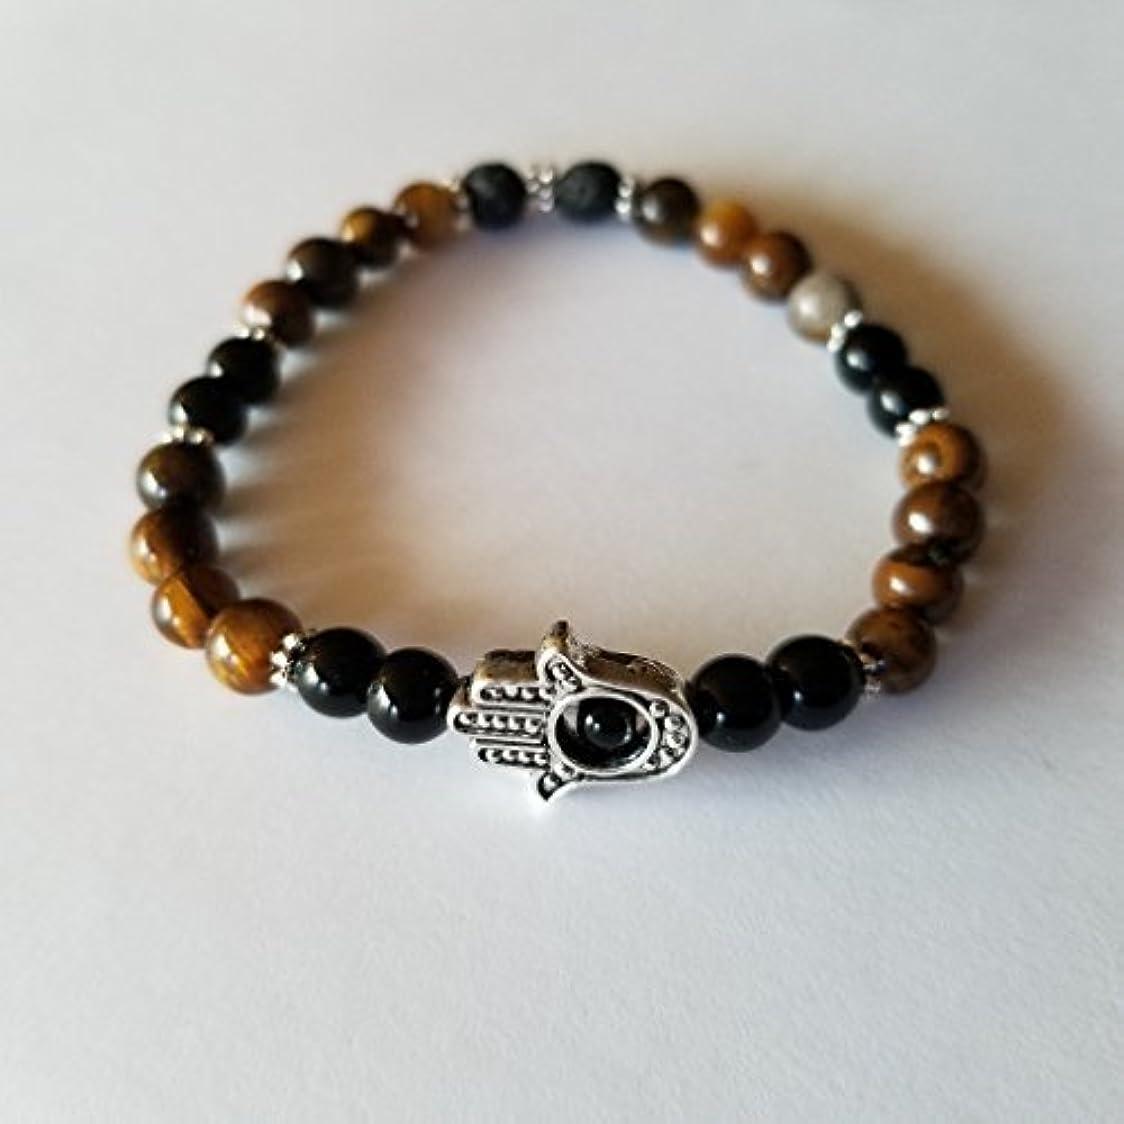 市民権結婚した乞食Handmade Tiger's Eye Black Jasper and Black Lava Essential Oil Diffuser Bracelet featuring Hamsa Hand - 7 [並行輸入品]